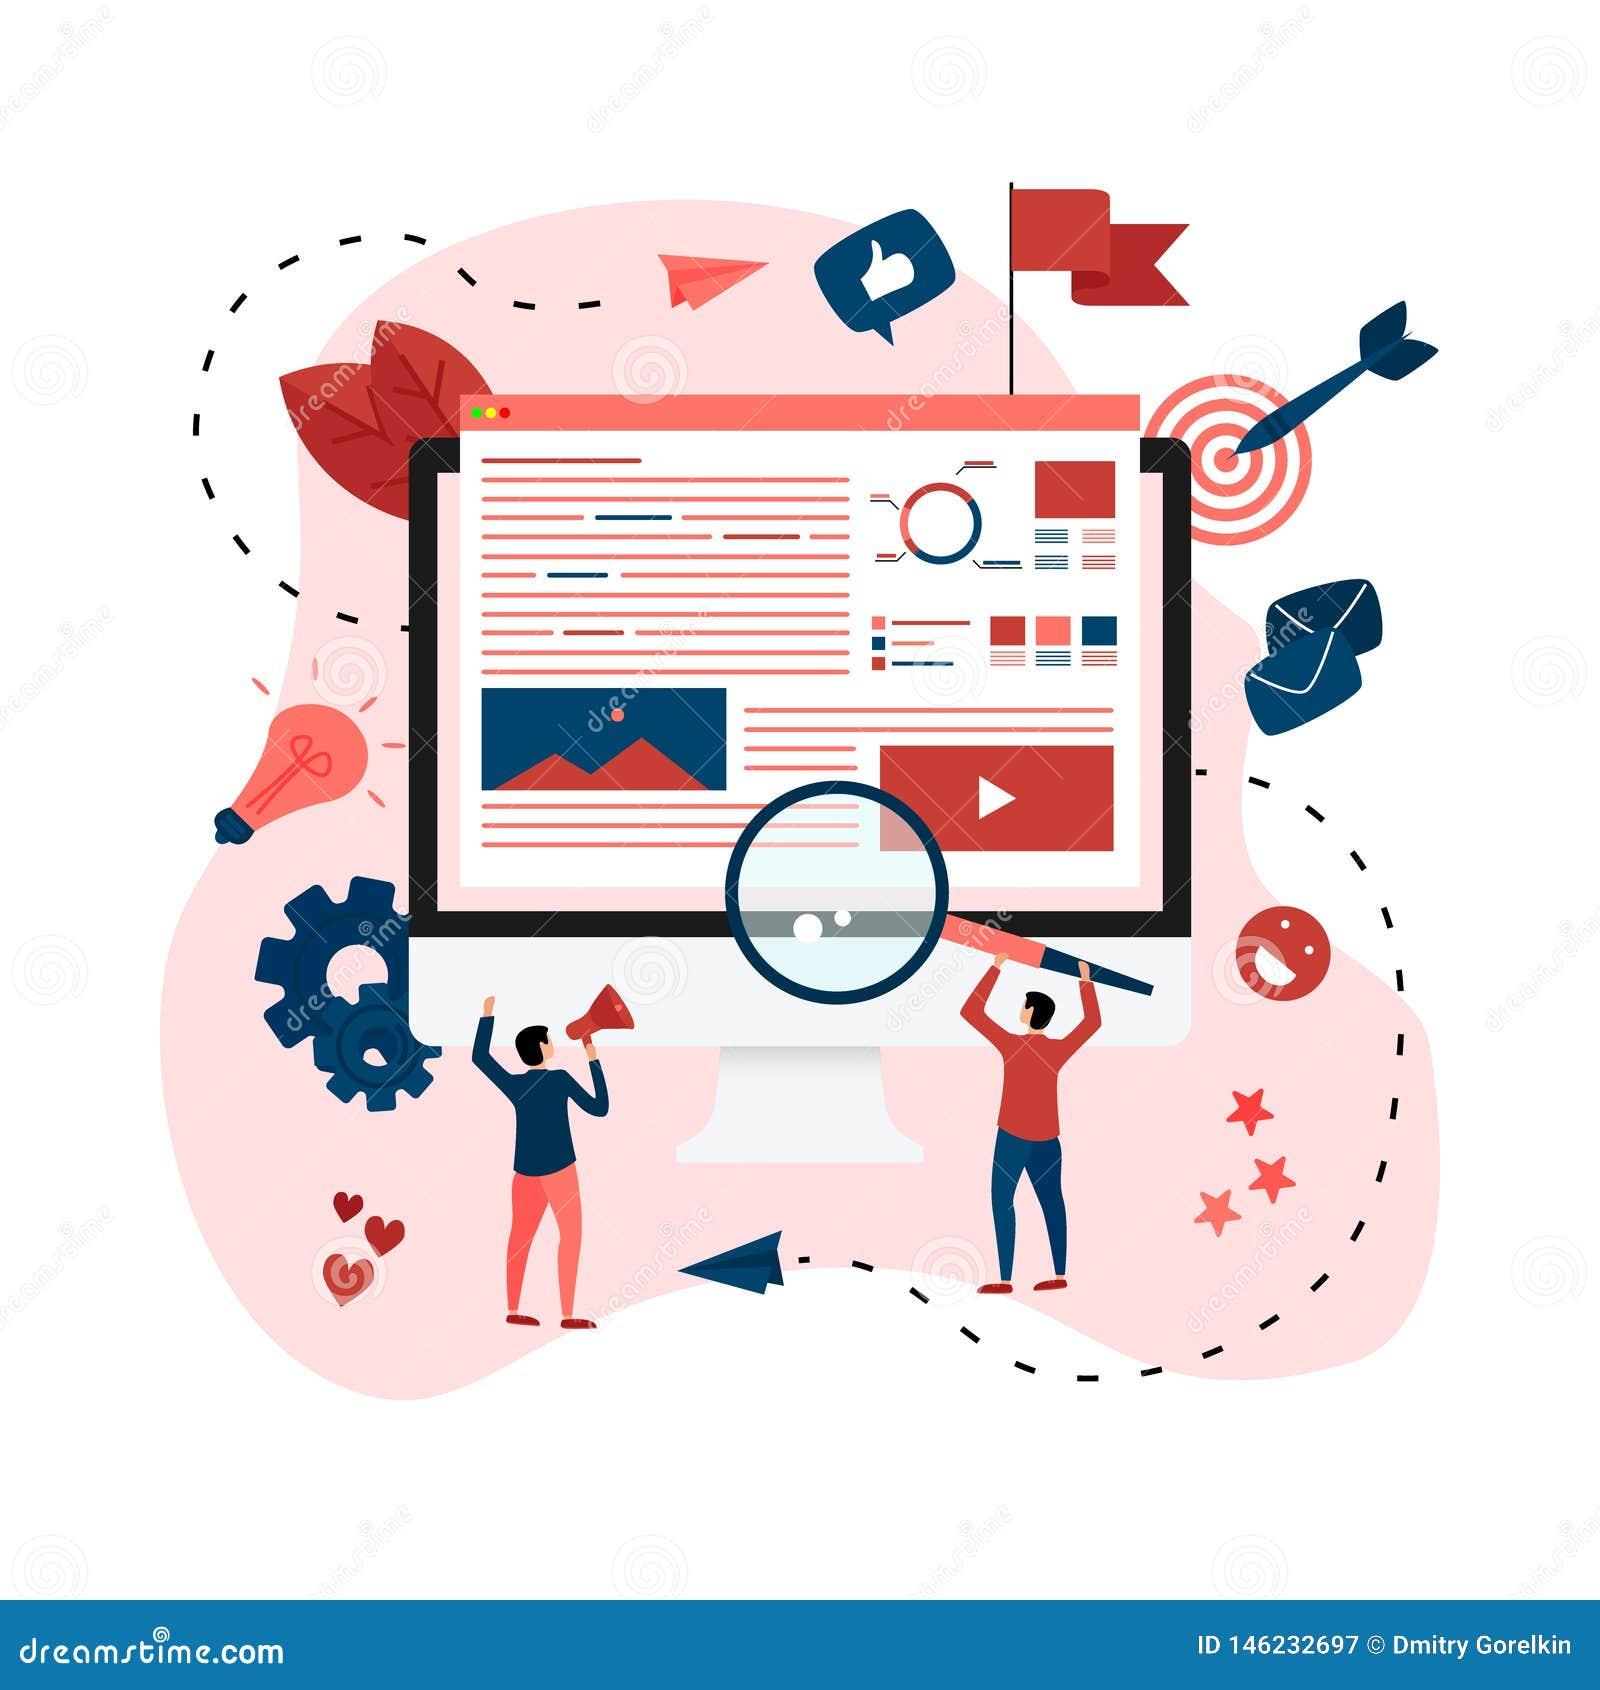 Concept voor Digitaal op de markt brengend agentschap, digitale media campagne vlakke vectorillustratie